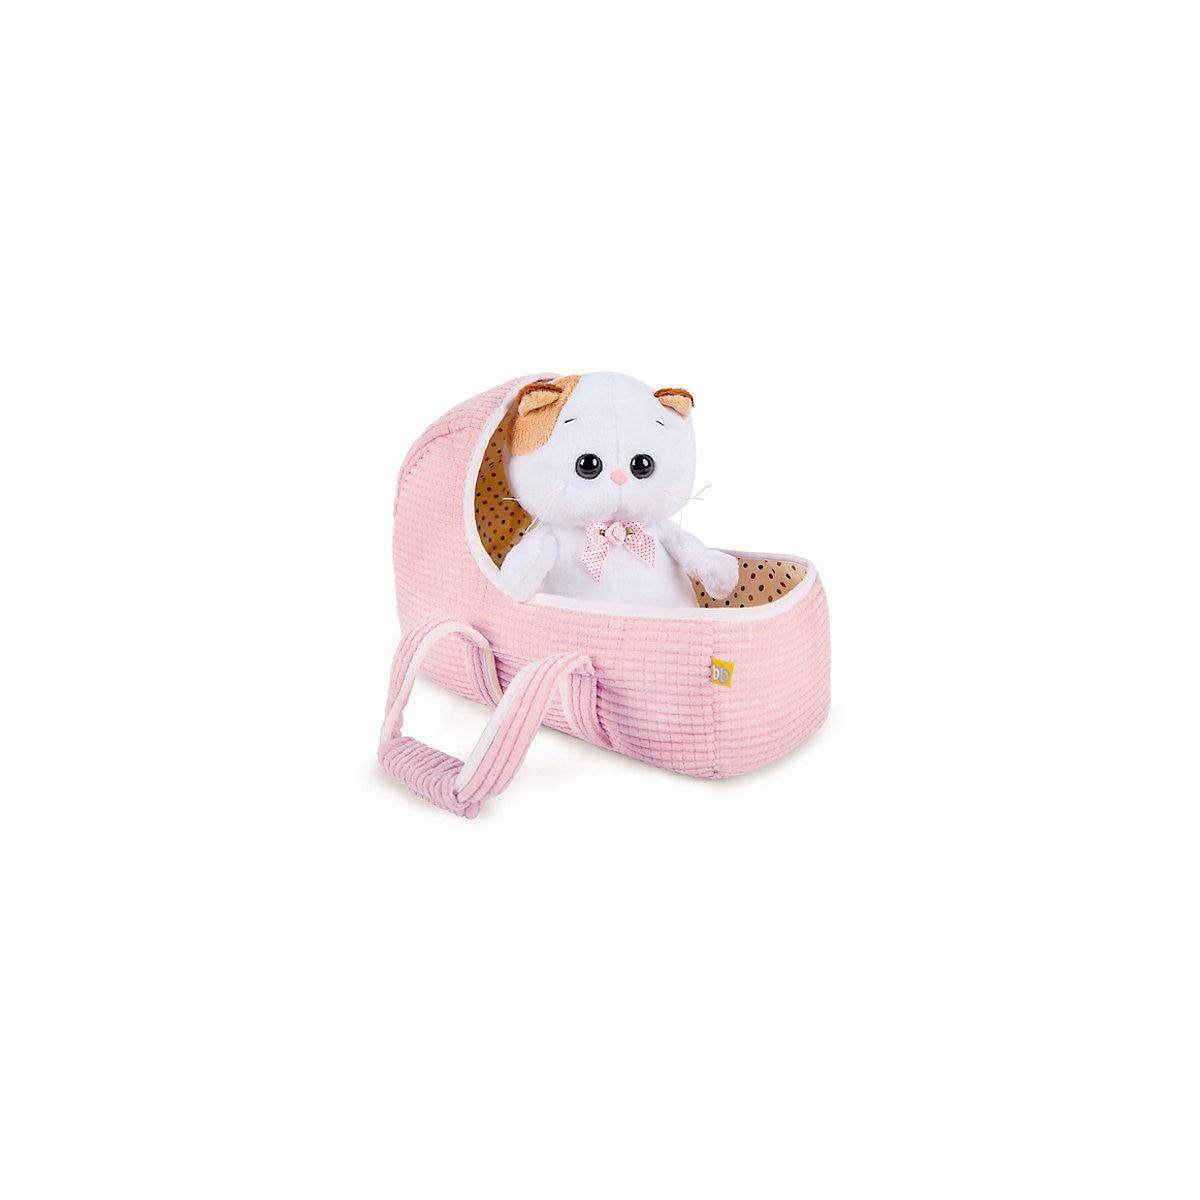 Animales de peluche y felpa 7319991 juguete para niños y niñas juguetes suaves para bebés